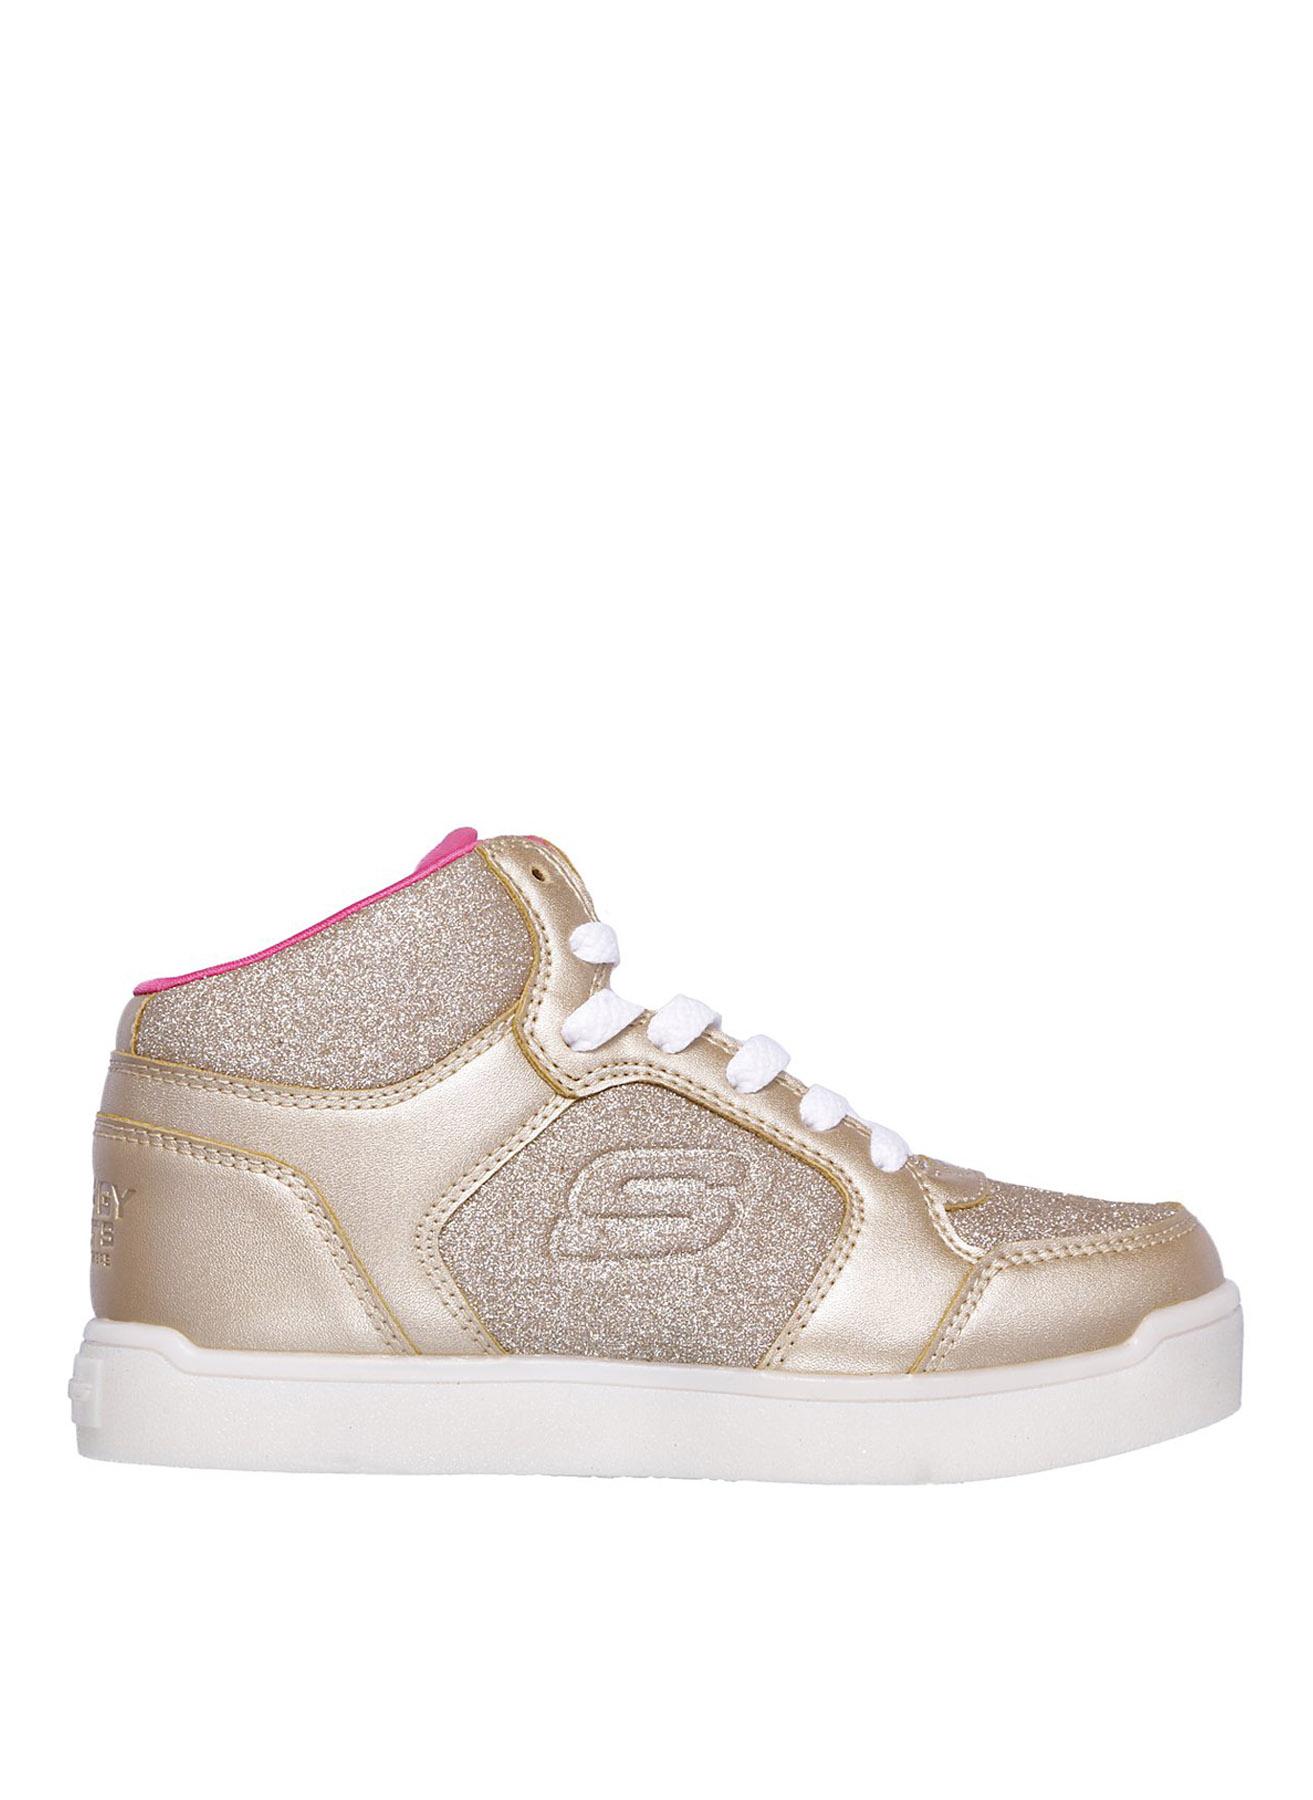 Skechers E-Pro Yürüyüş Ayakkabısı 33 5001697151007 Ürün Resmi